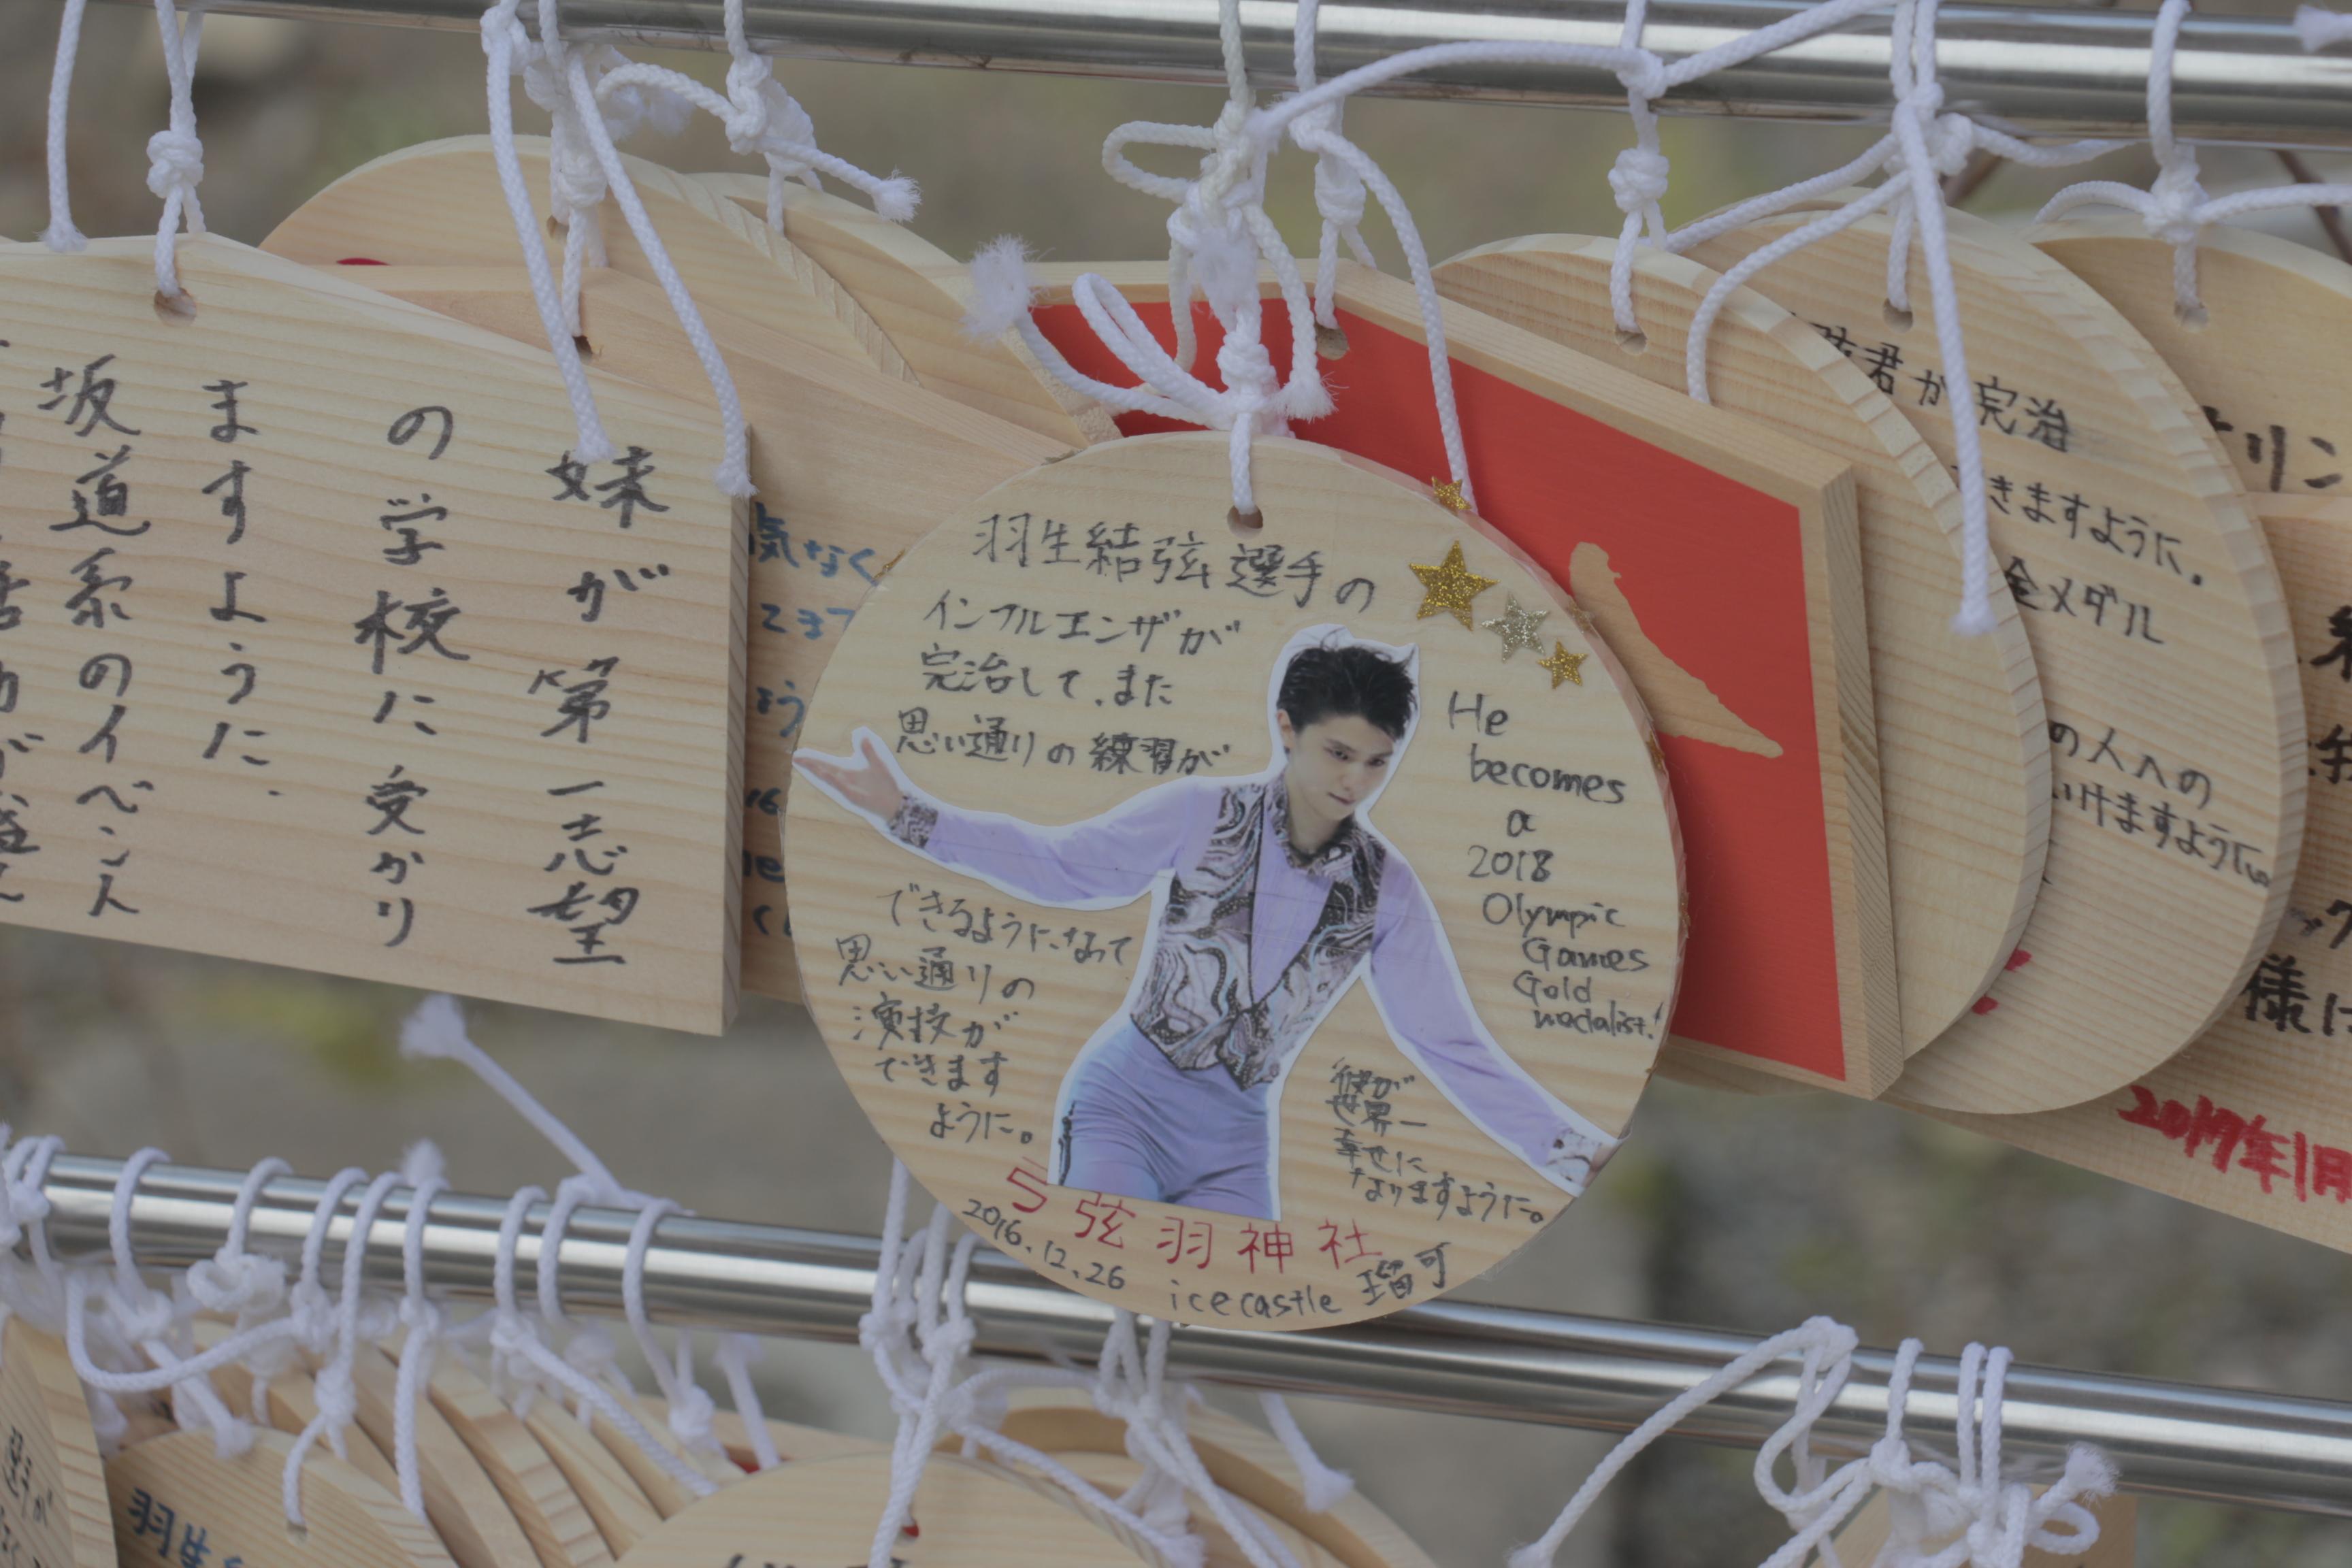 弓弦派神社の絵馬 羽生結弦選手の活躍を祈る